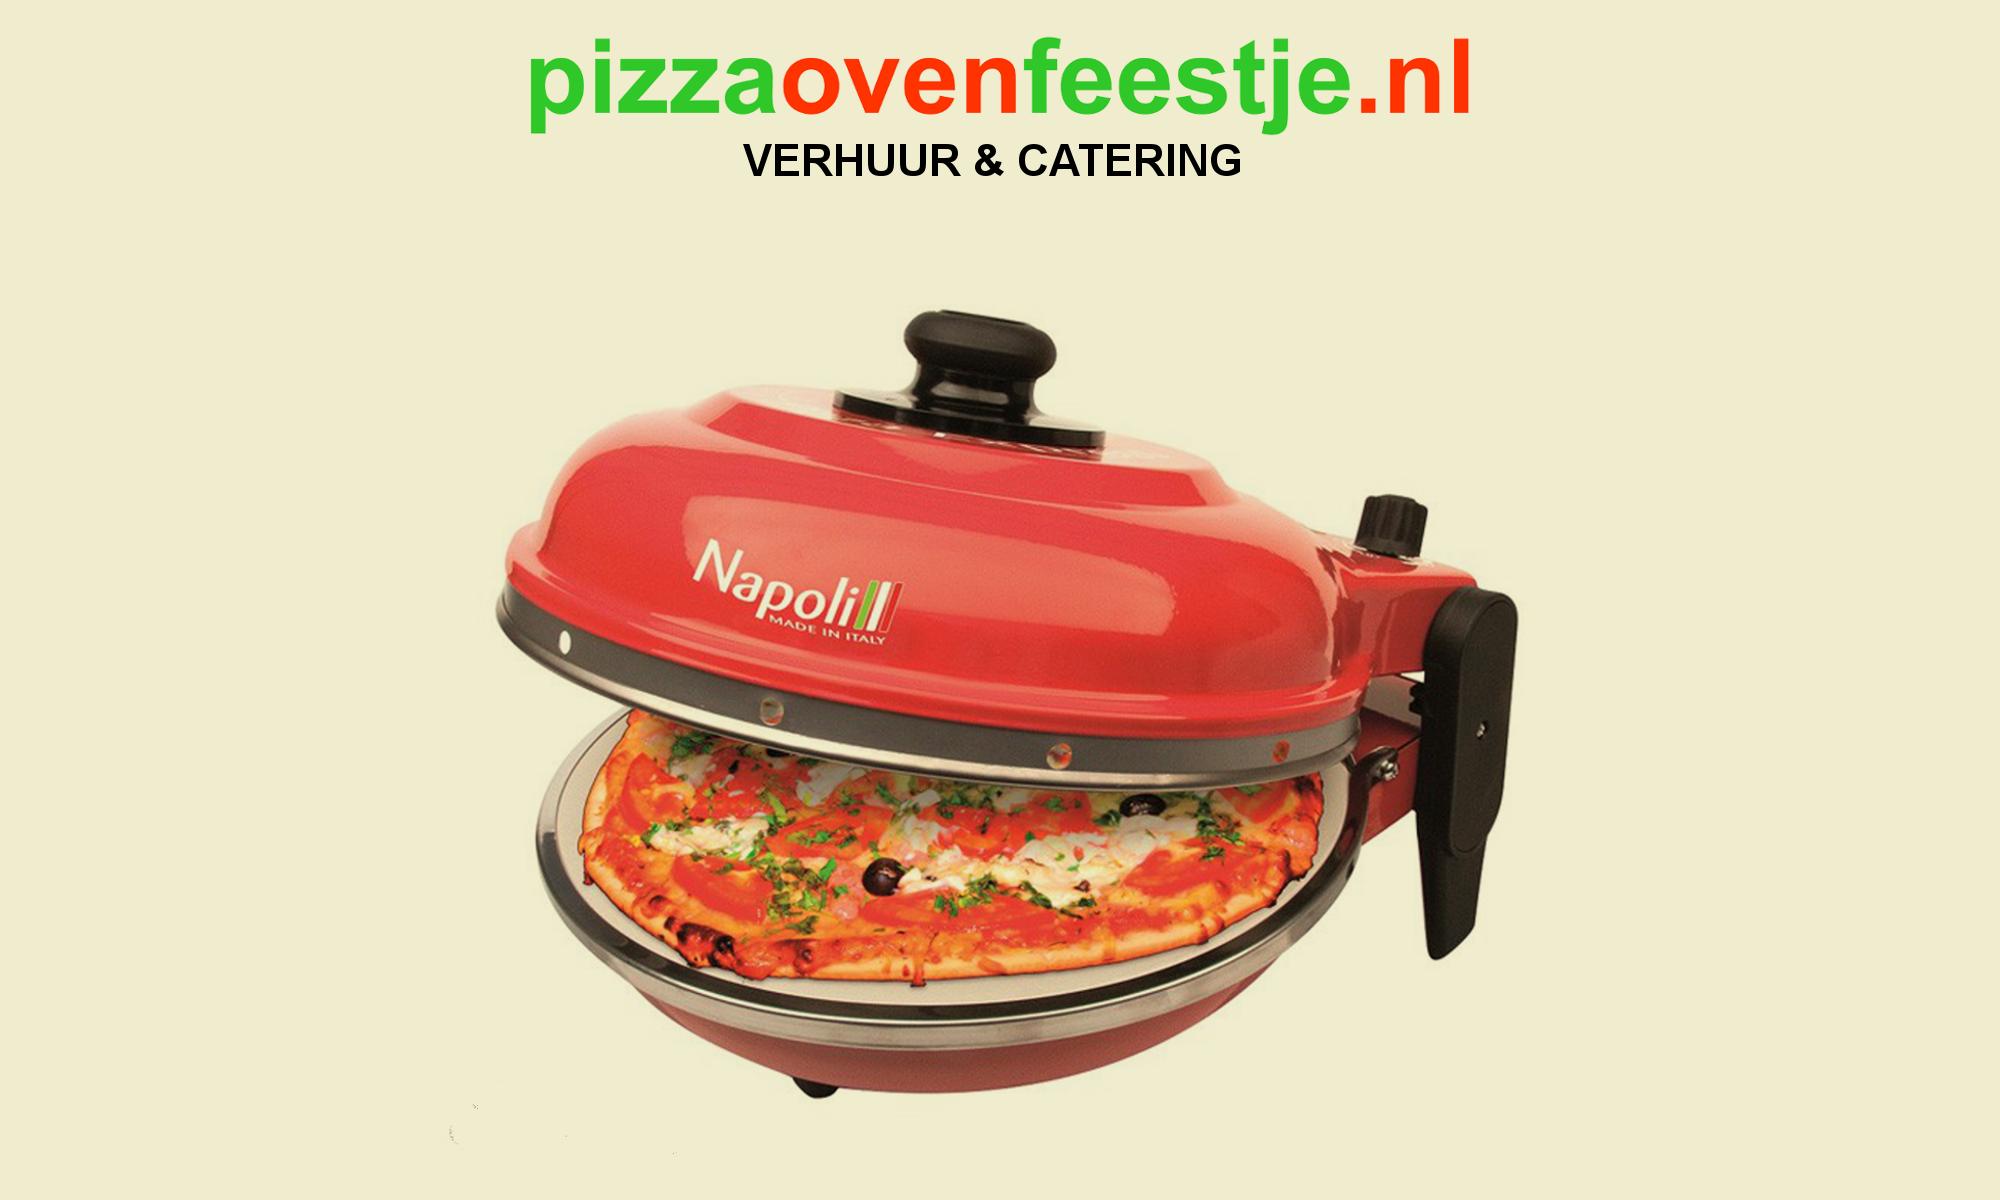 pizzaovenfeestje.nl